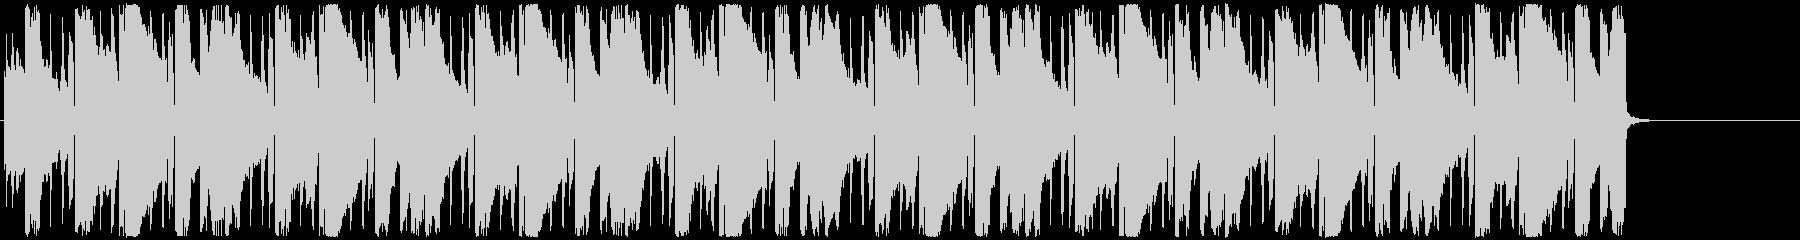 エレピを使ったお洒落なポップミュージックの未再生の波形